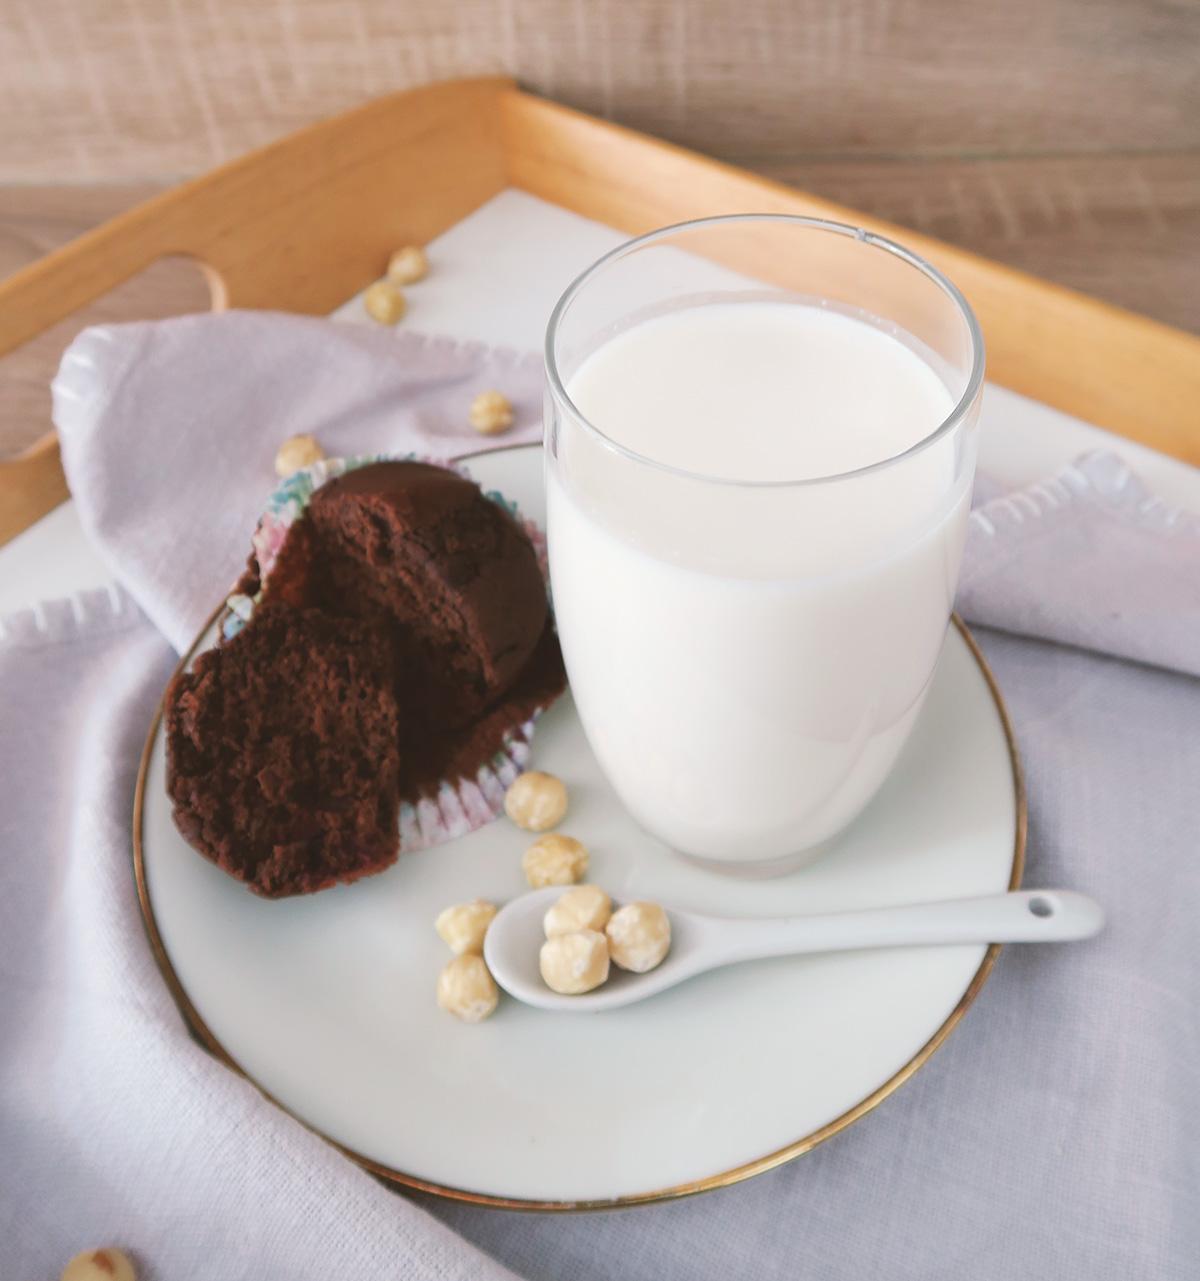 Rezept für Haselnussmilch selber machen - schnell, einfach & günstig. Zudem Tipps, wie man Nussmilch haltbar macht und was man alles aus Nussresten (Trester) anstellen kann. #diy #vegan #gesundheit